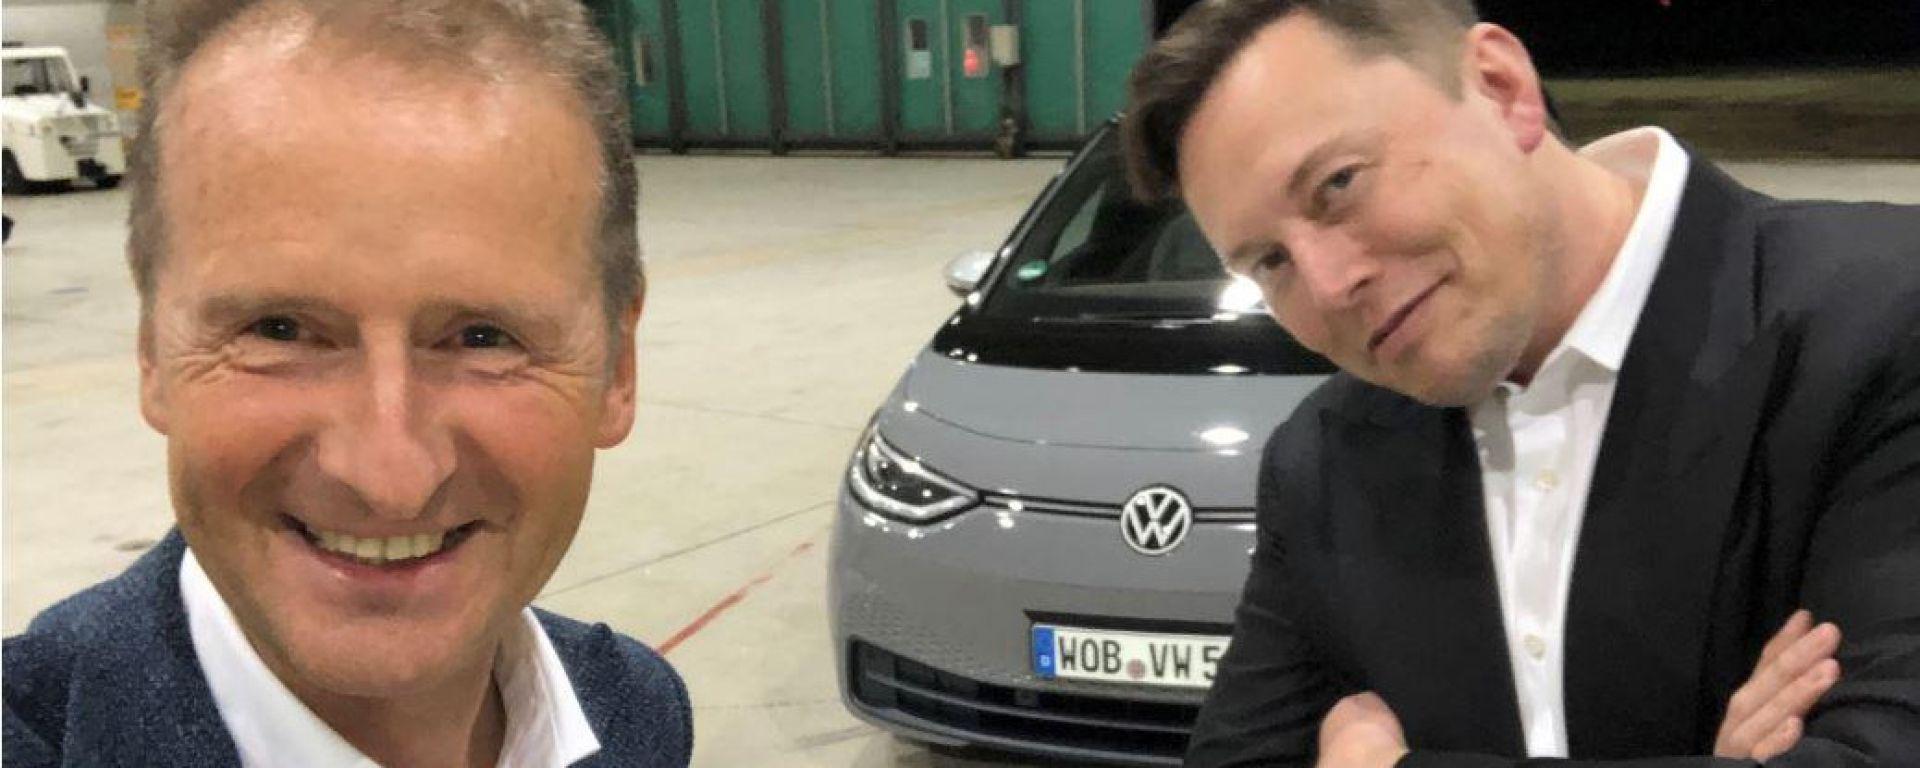 Herbert Diess, Elon Musk e la Volkswagen ID.3